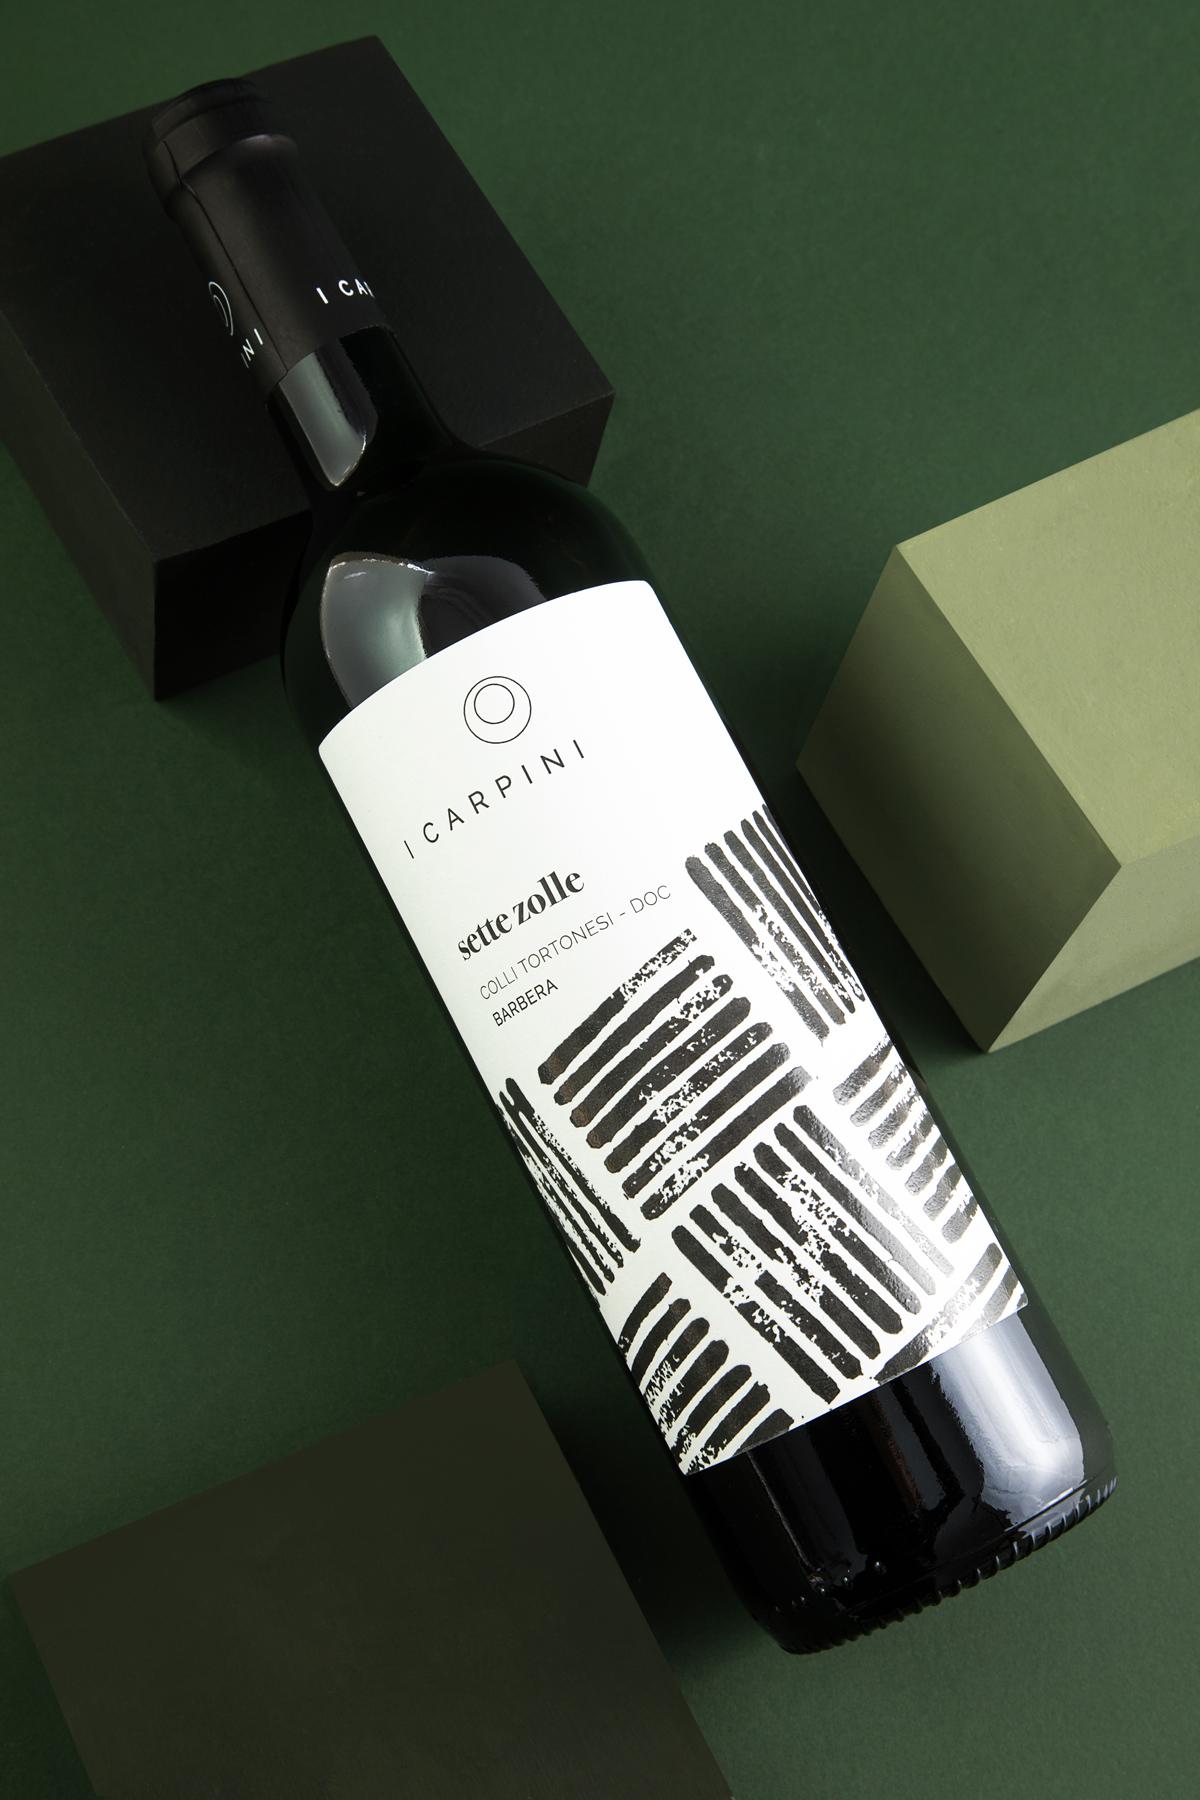 SETTE_ZOLLE_FRONTE_Barbera_i_carpini_wine_pscksging_design_wine_design_drogheria_studio_ROSSO_BASSA-1